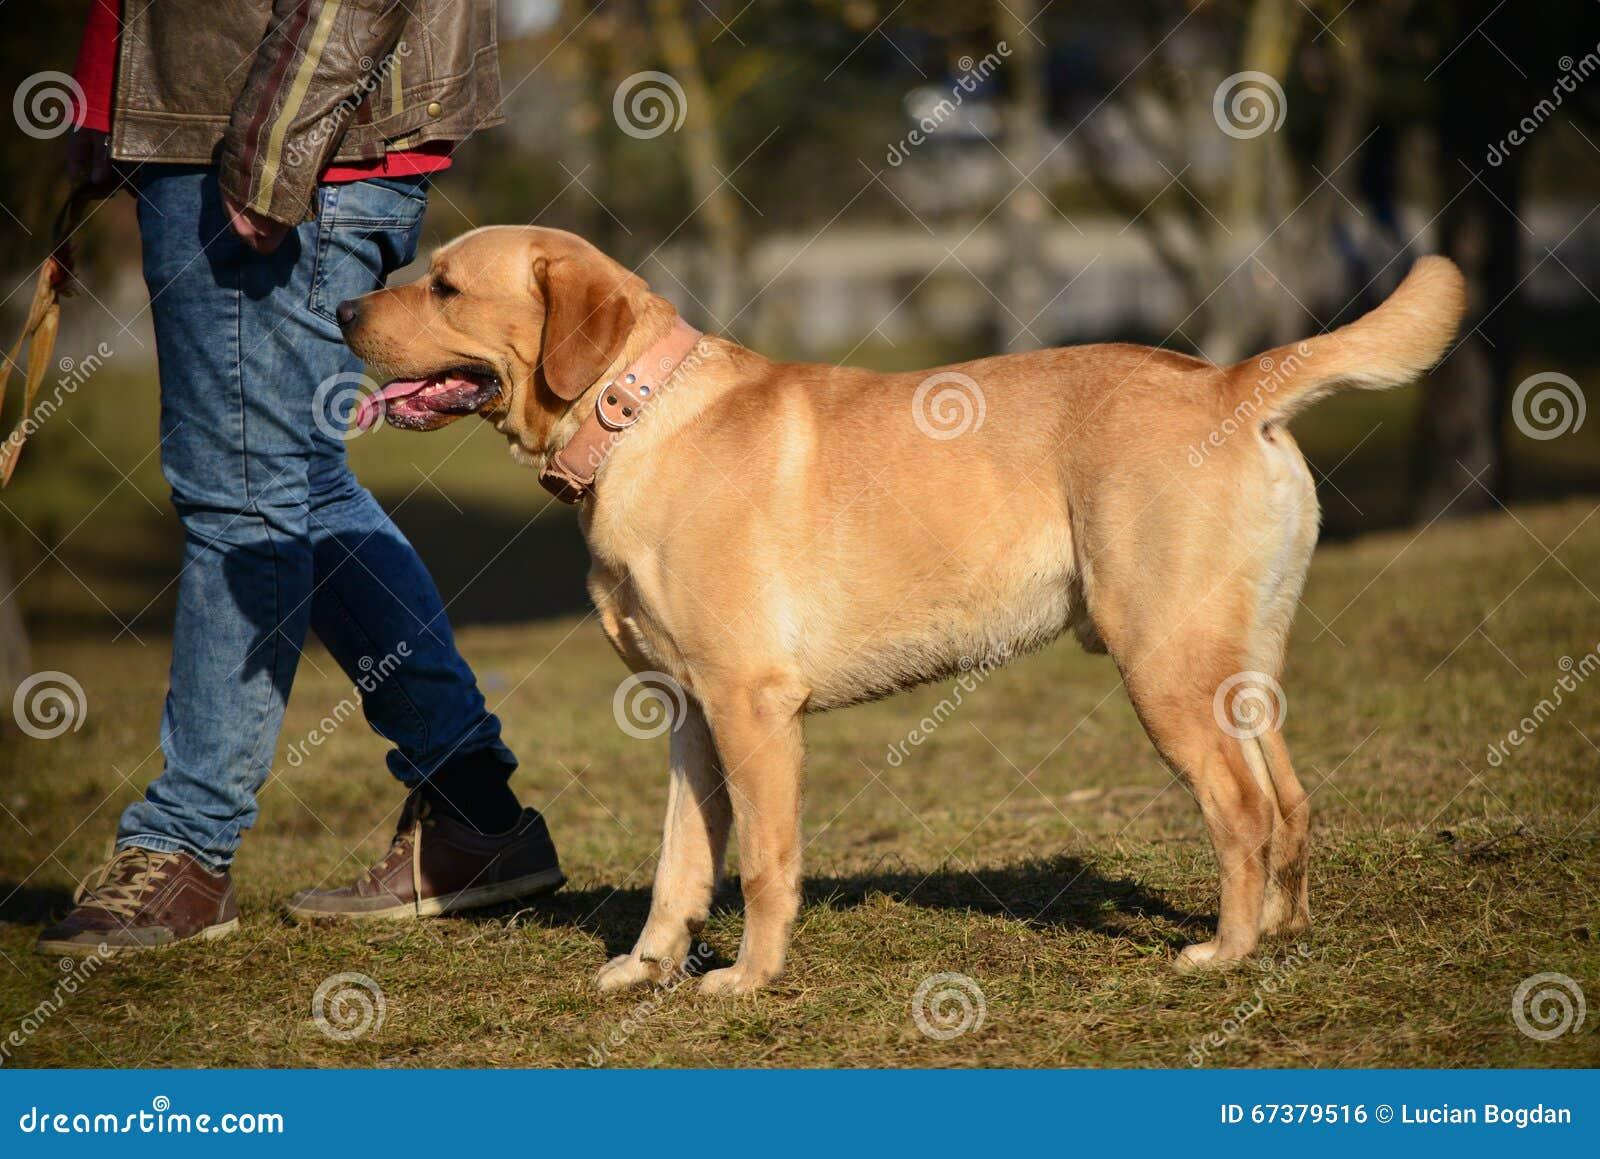 Golden Labrador Retriever on a Walk